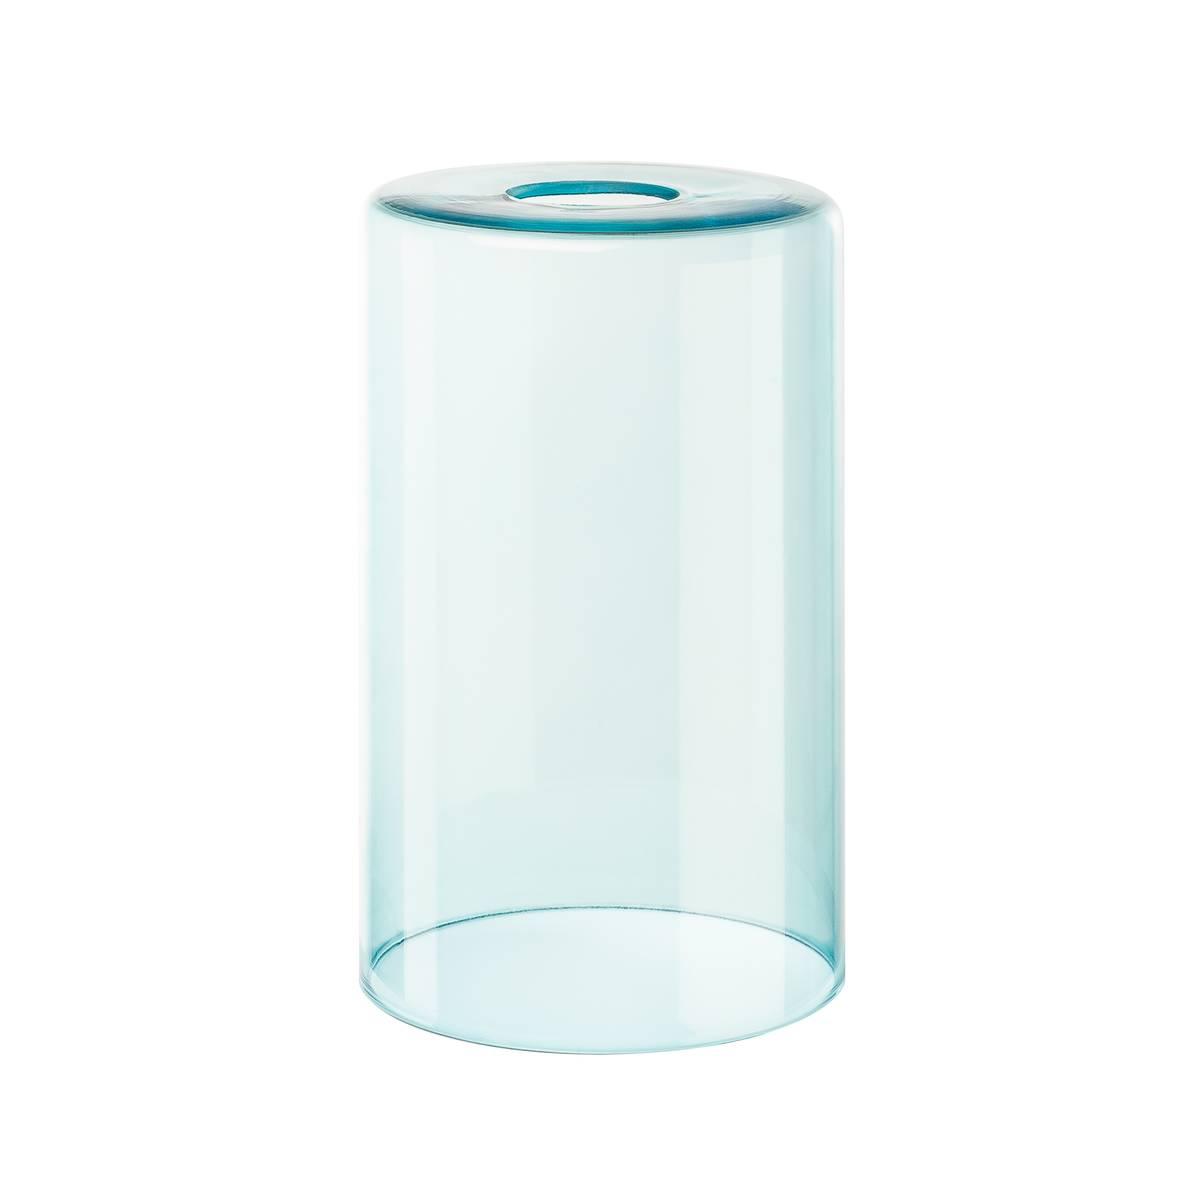 Wonderbaarlijk Koop online FENDA glazen lampenkap groen (1000772) van SLV BI-36